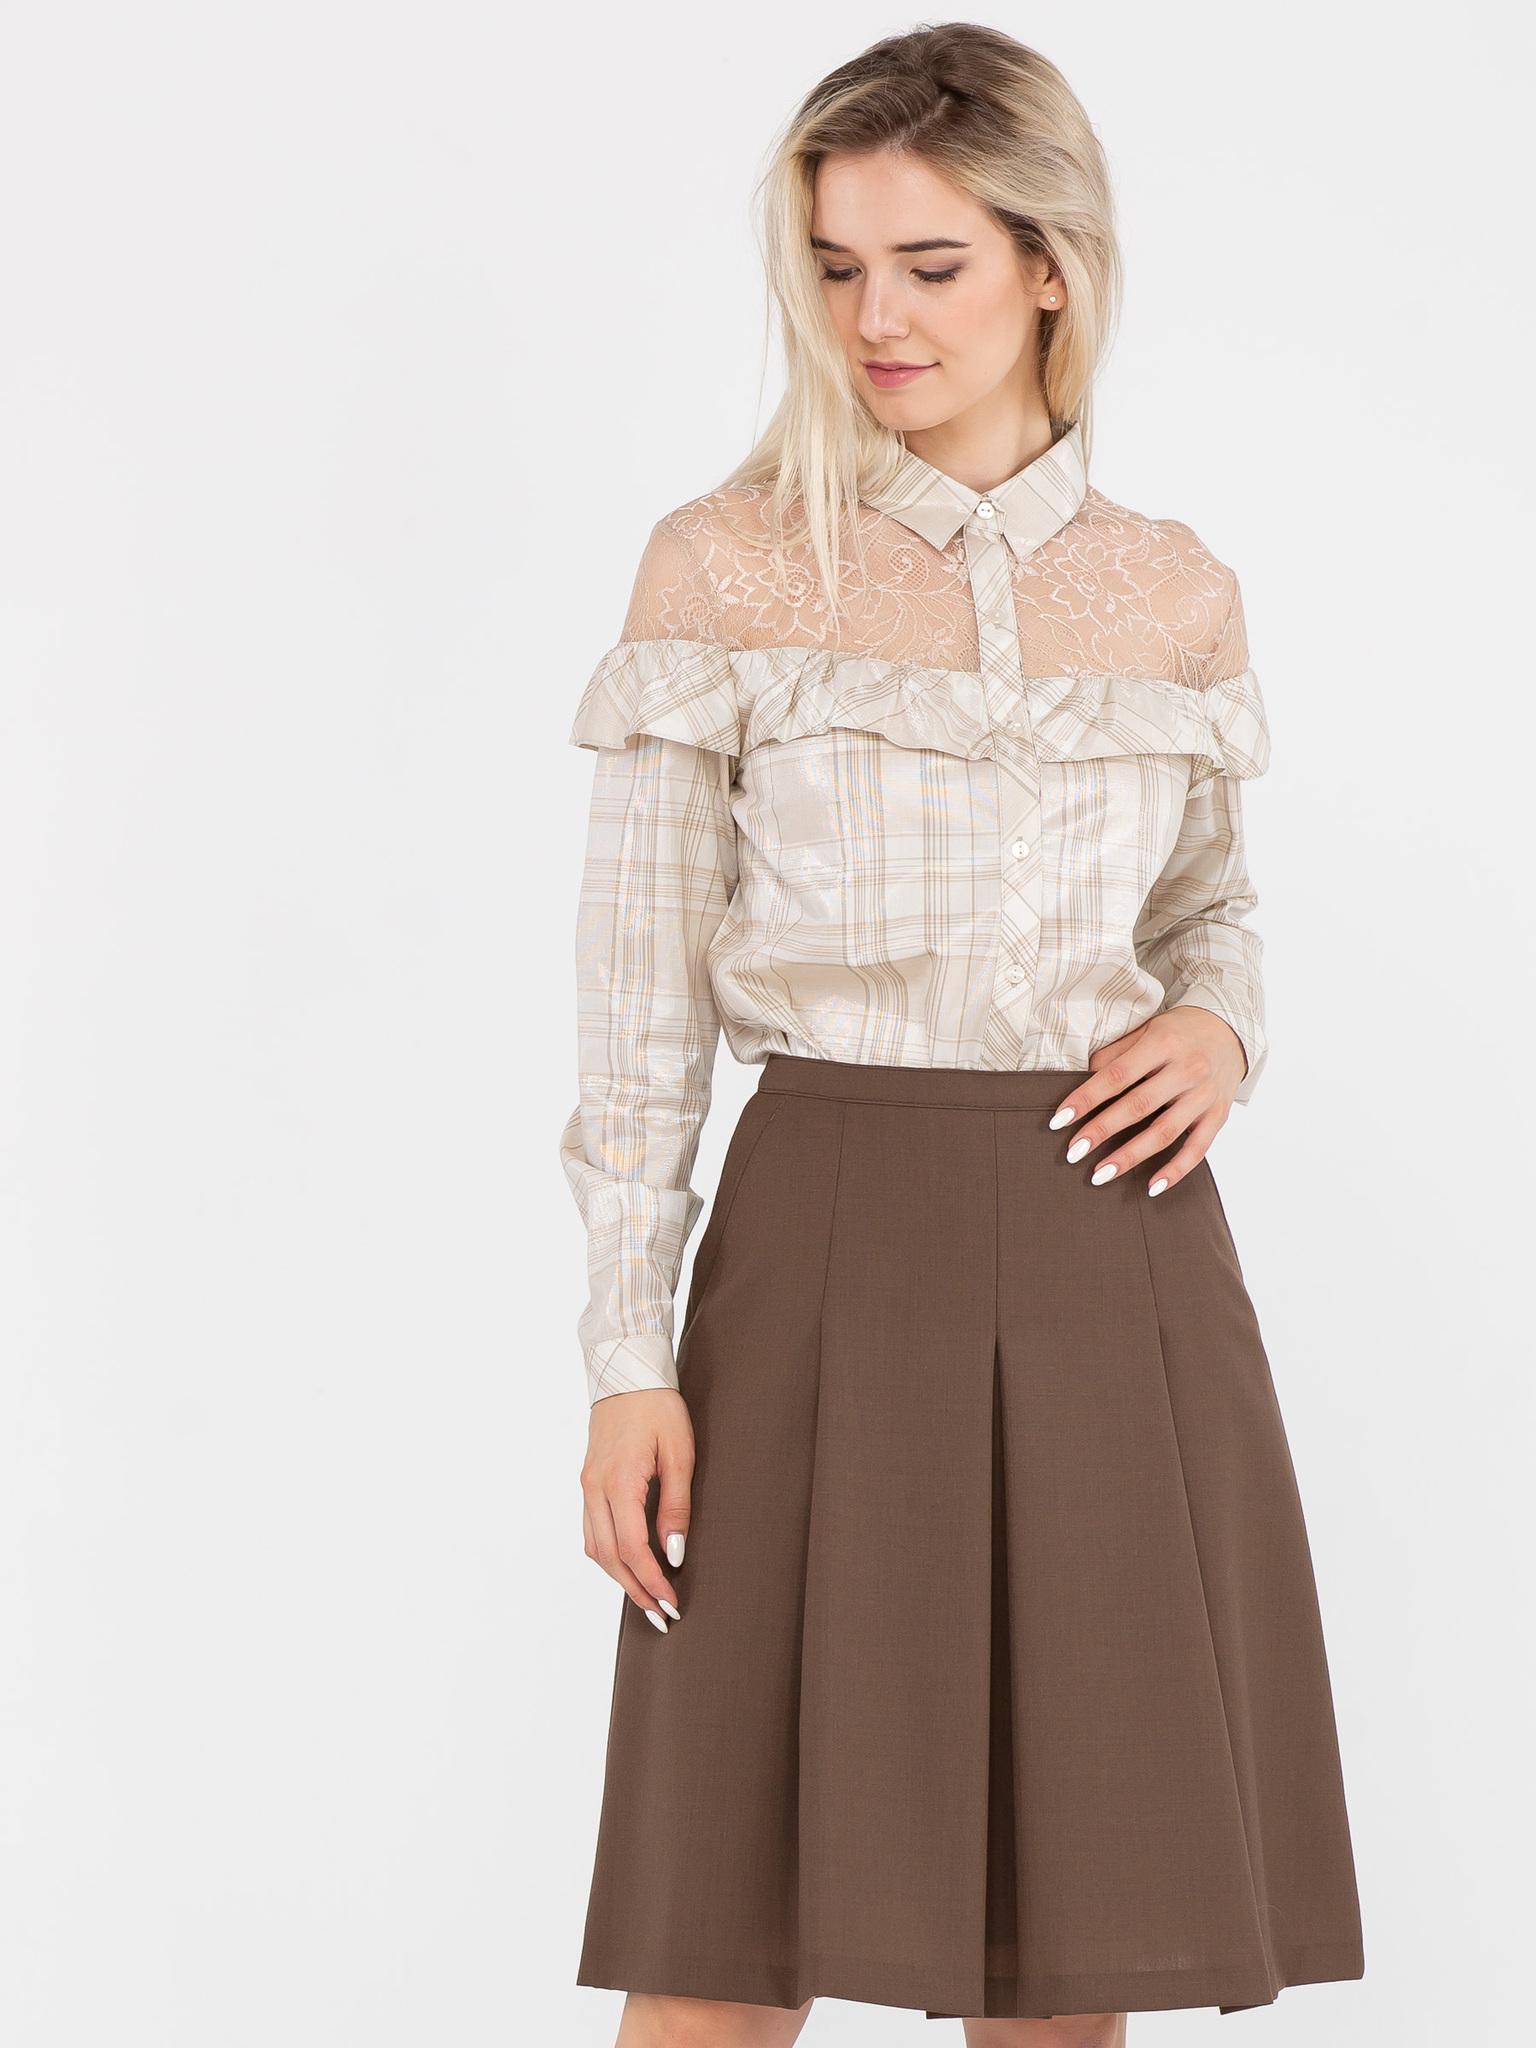 Блуза Г613-578 - Блуза классического кроя с с отложным воротником и длинными рукавами. Отрезная кокетка и плечи из кружева в тон и рюша из основной ткани, сделают ваш образ романтичным и притягательным.